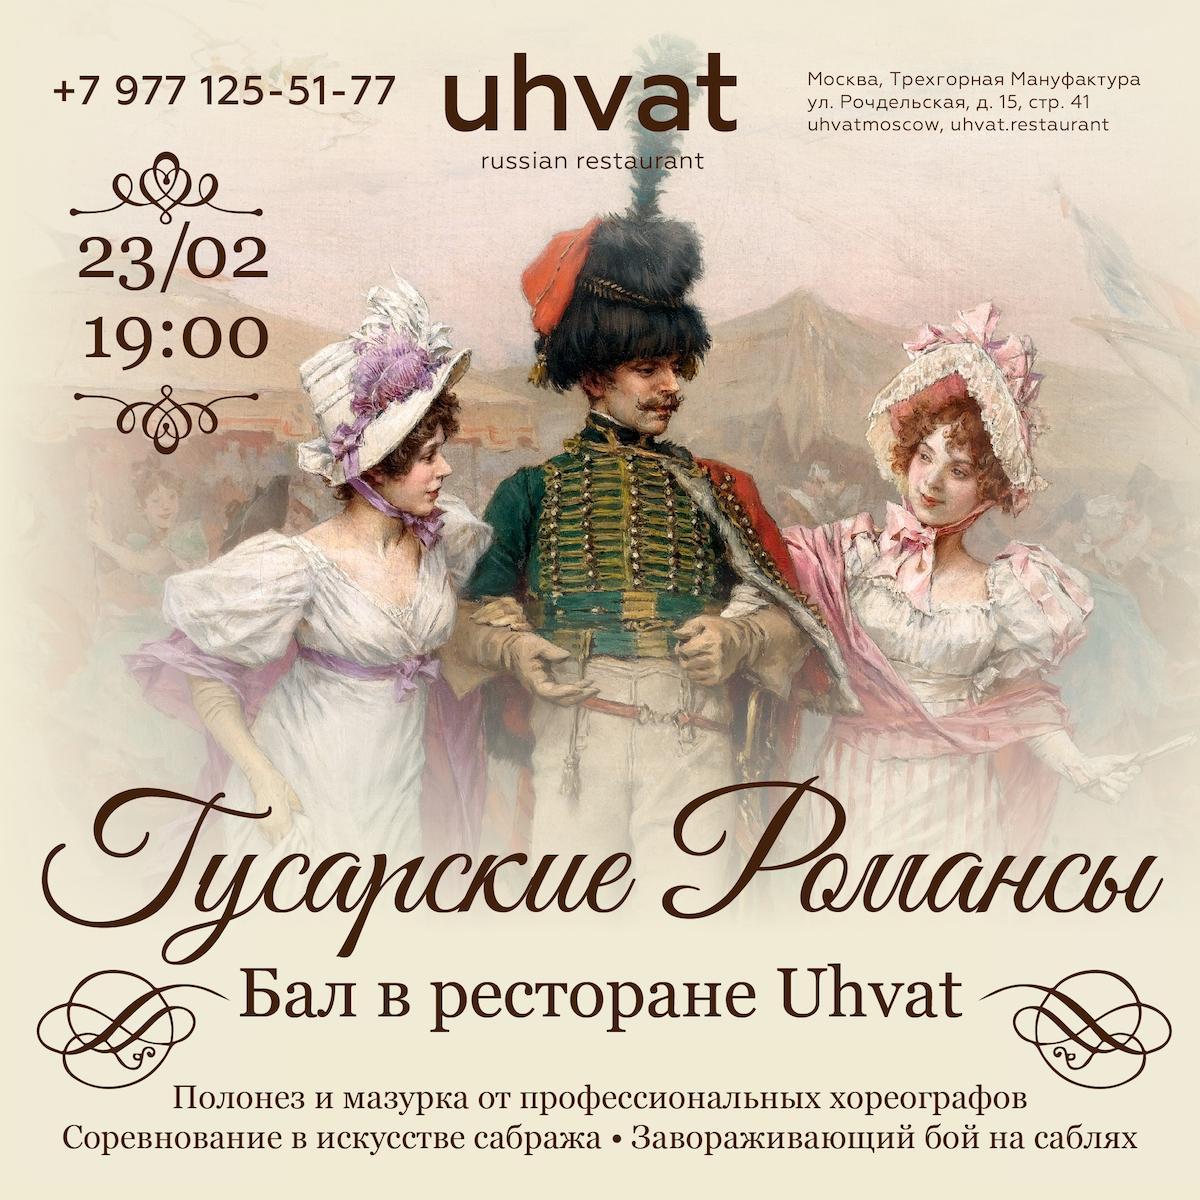 Бал в честь Дня защитника Отчества в ресторане Uhvat на Трёхгорке